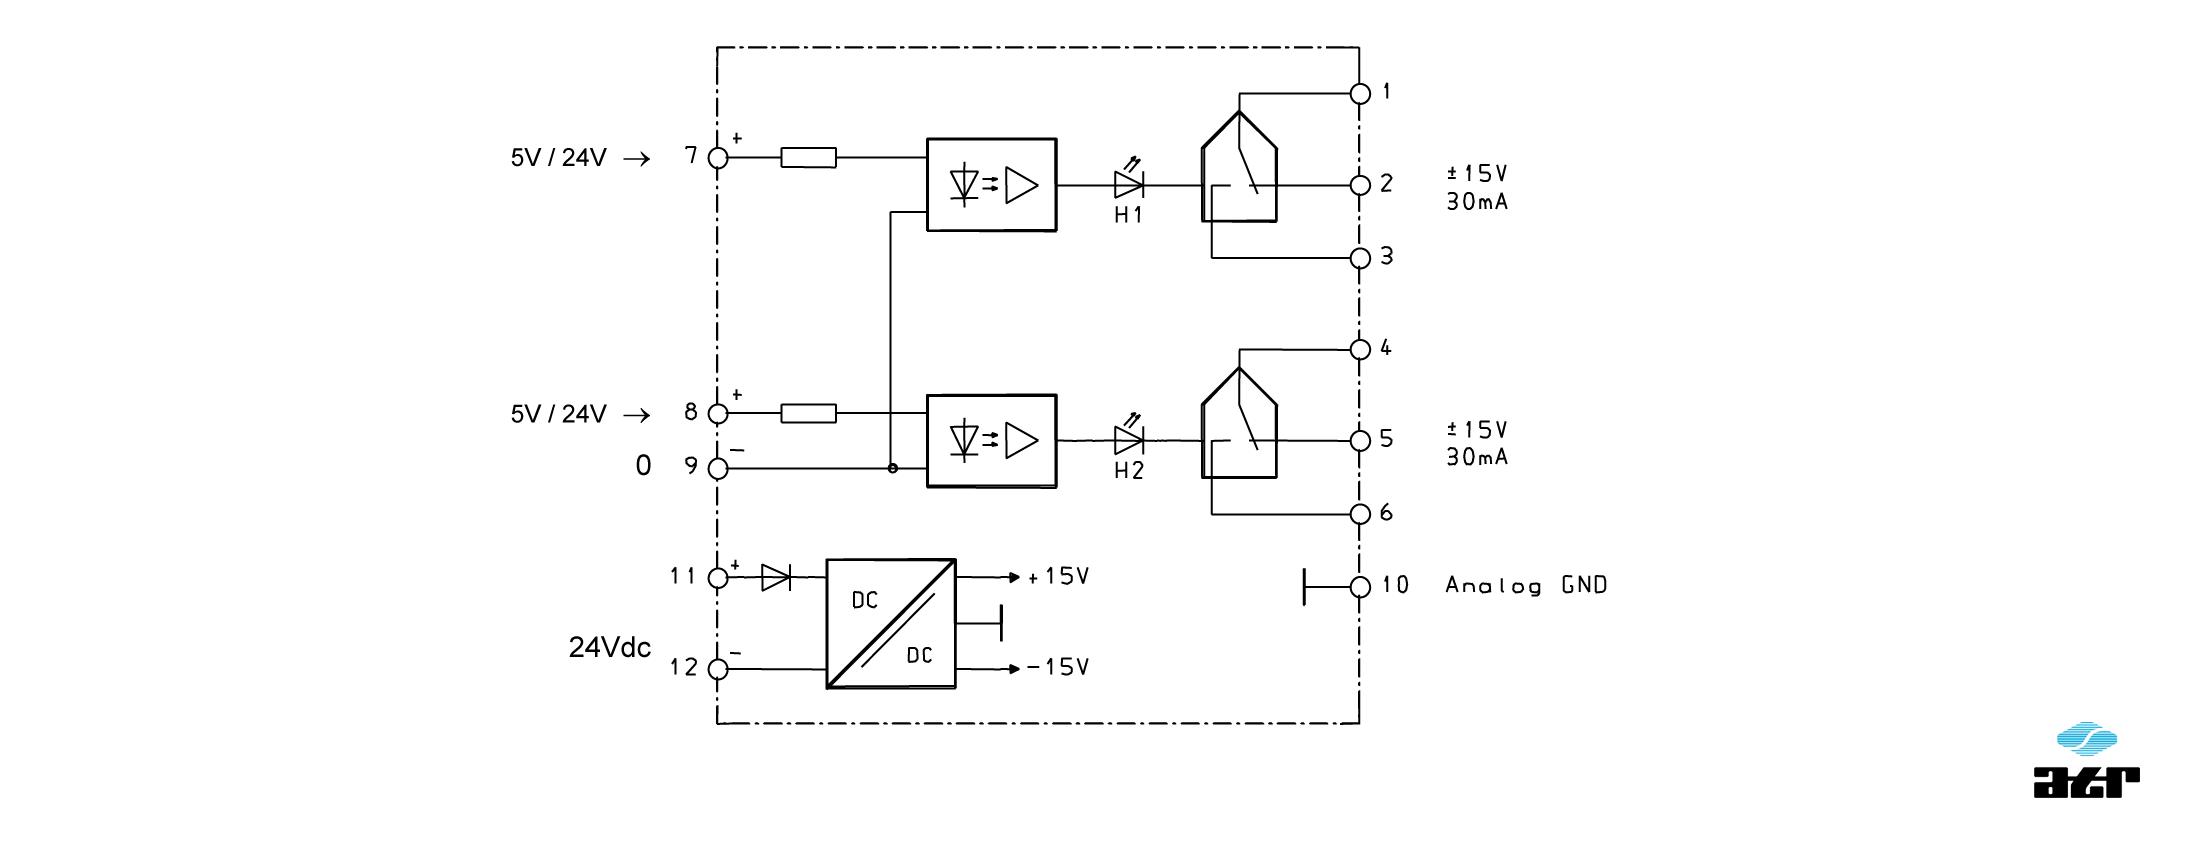 Anschlussplan: ATR Analogschalter OM2